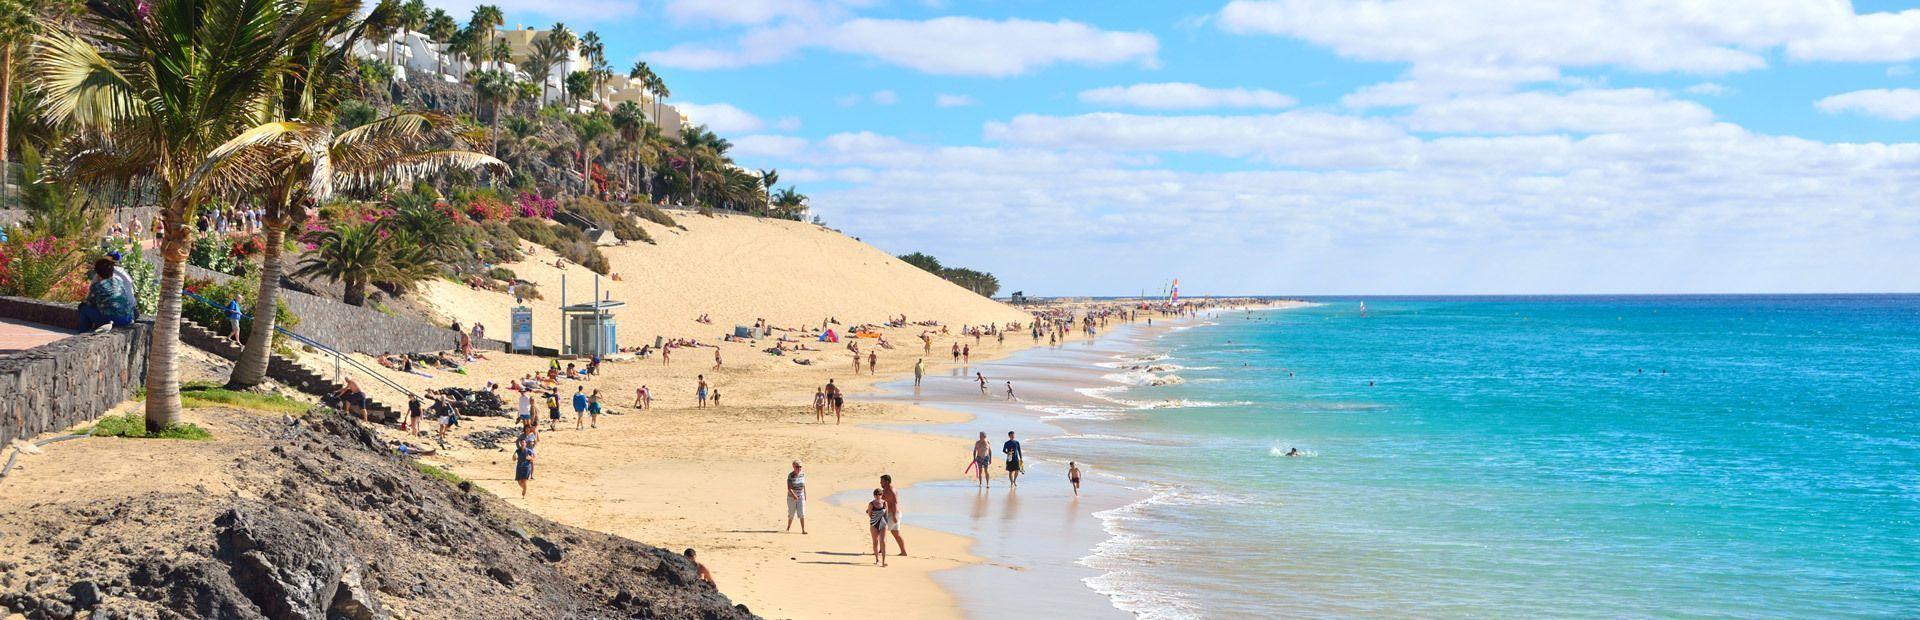 Canarie: Lanzarote e Fuerteventura